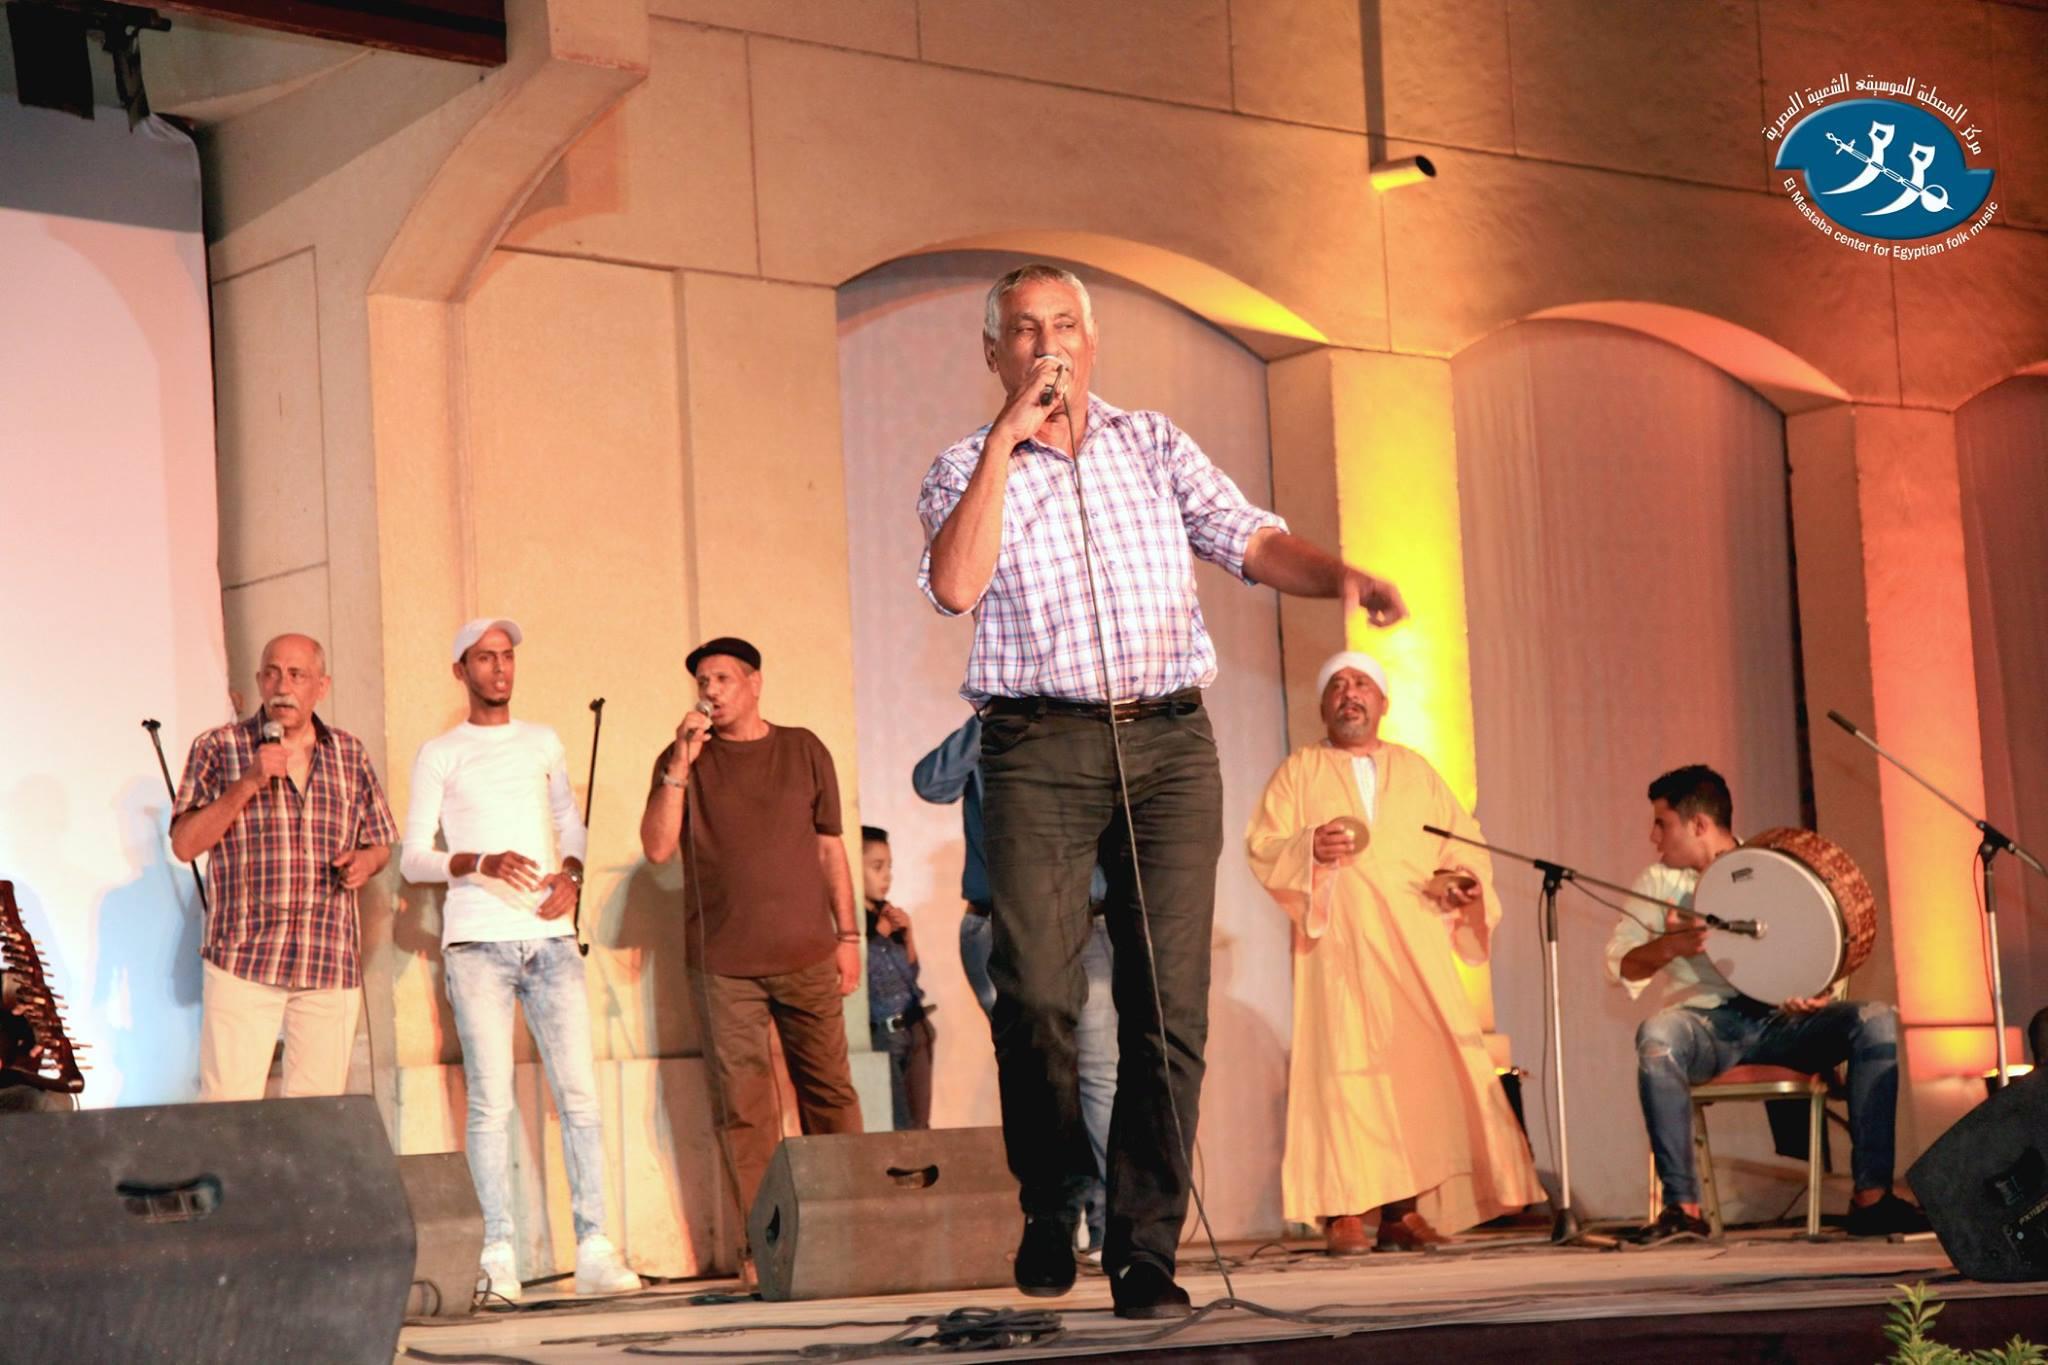 أحمد يقف خلف المسرح لينتظر دوره في الخروج إلى الجمهور